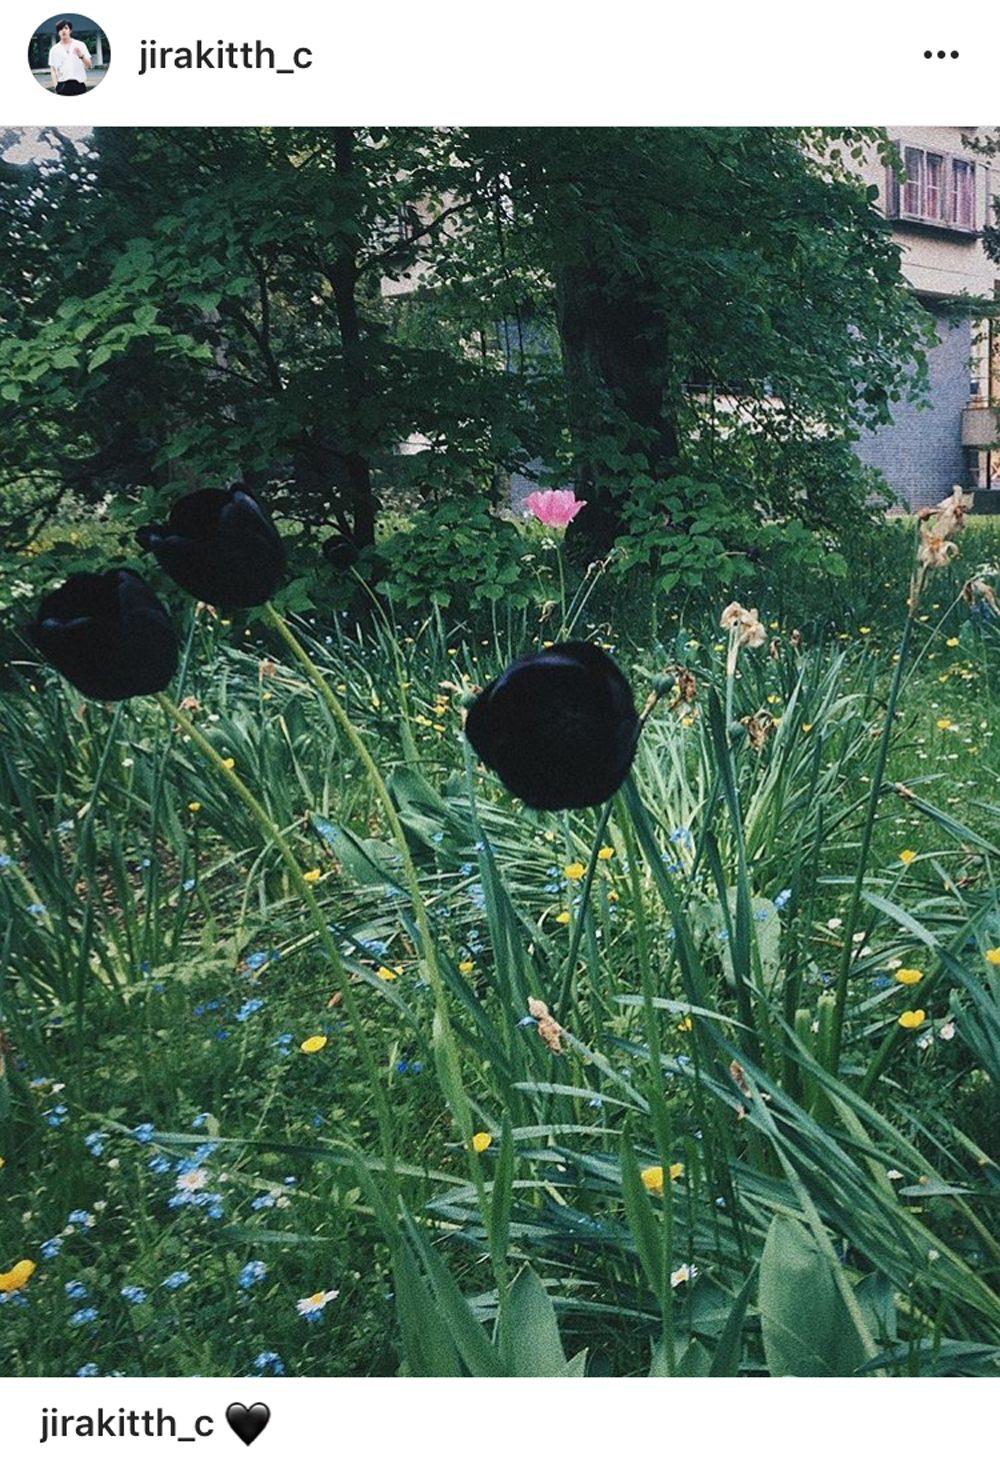 แฟนๆ เข้ามาคอมเม้นท์ส่งกำลังใจโพสต์ดอกไม้สีดำของเมฆ